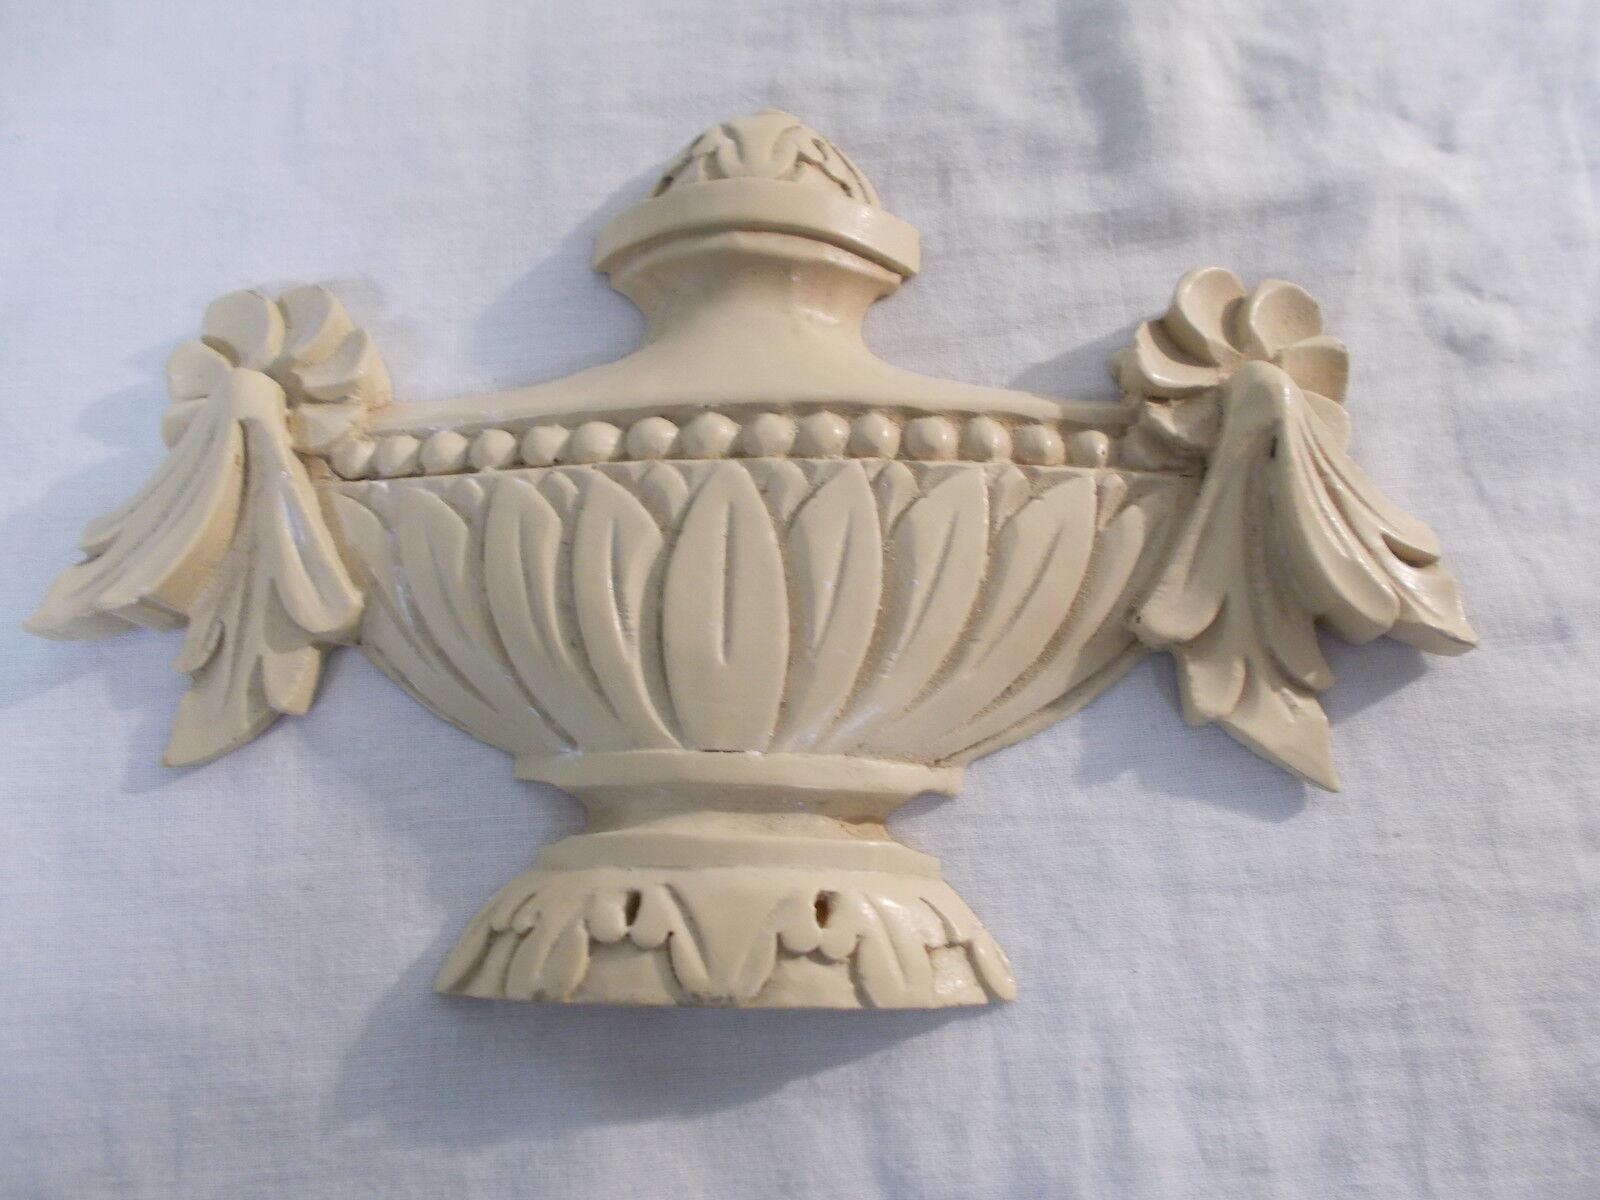 Urne ornée caoutchouc caoutchouc ornée silicone moule ~ créer faire résine plâtre etc bricolage artisanat ~ fbd67b